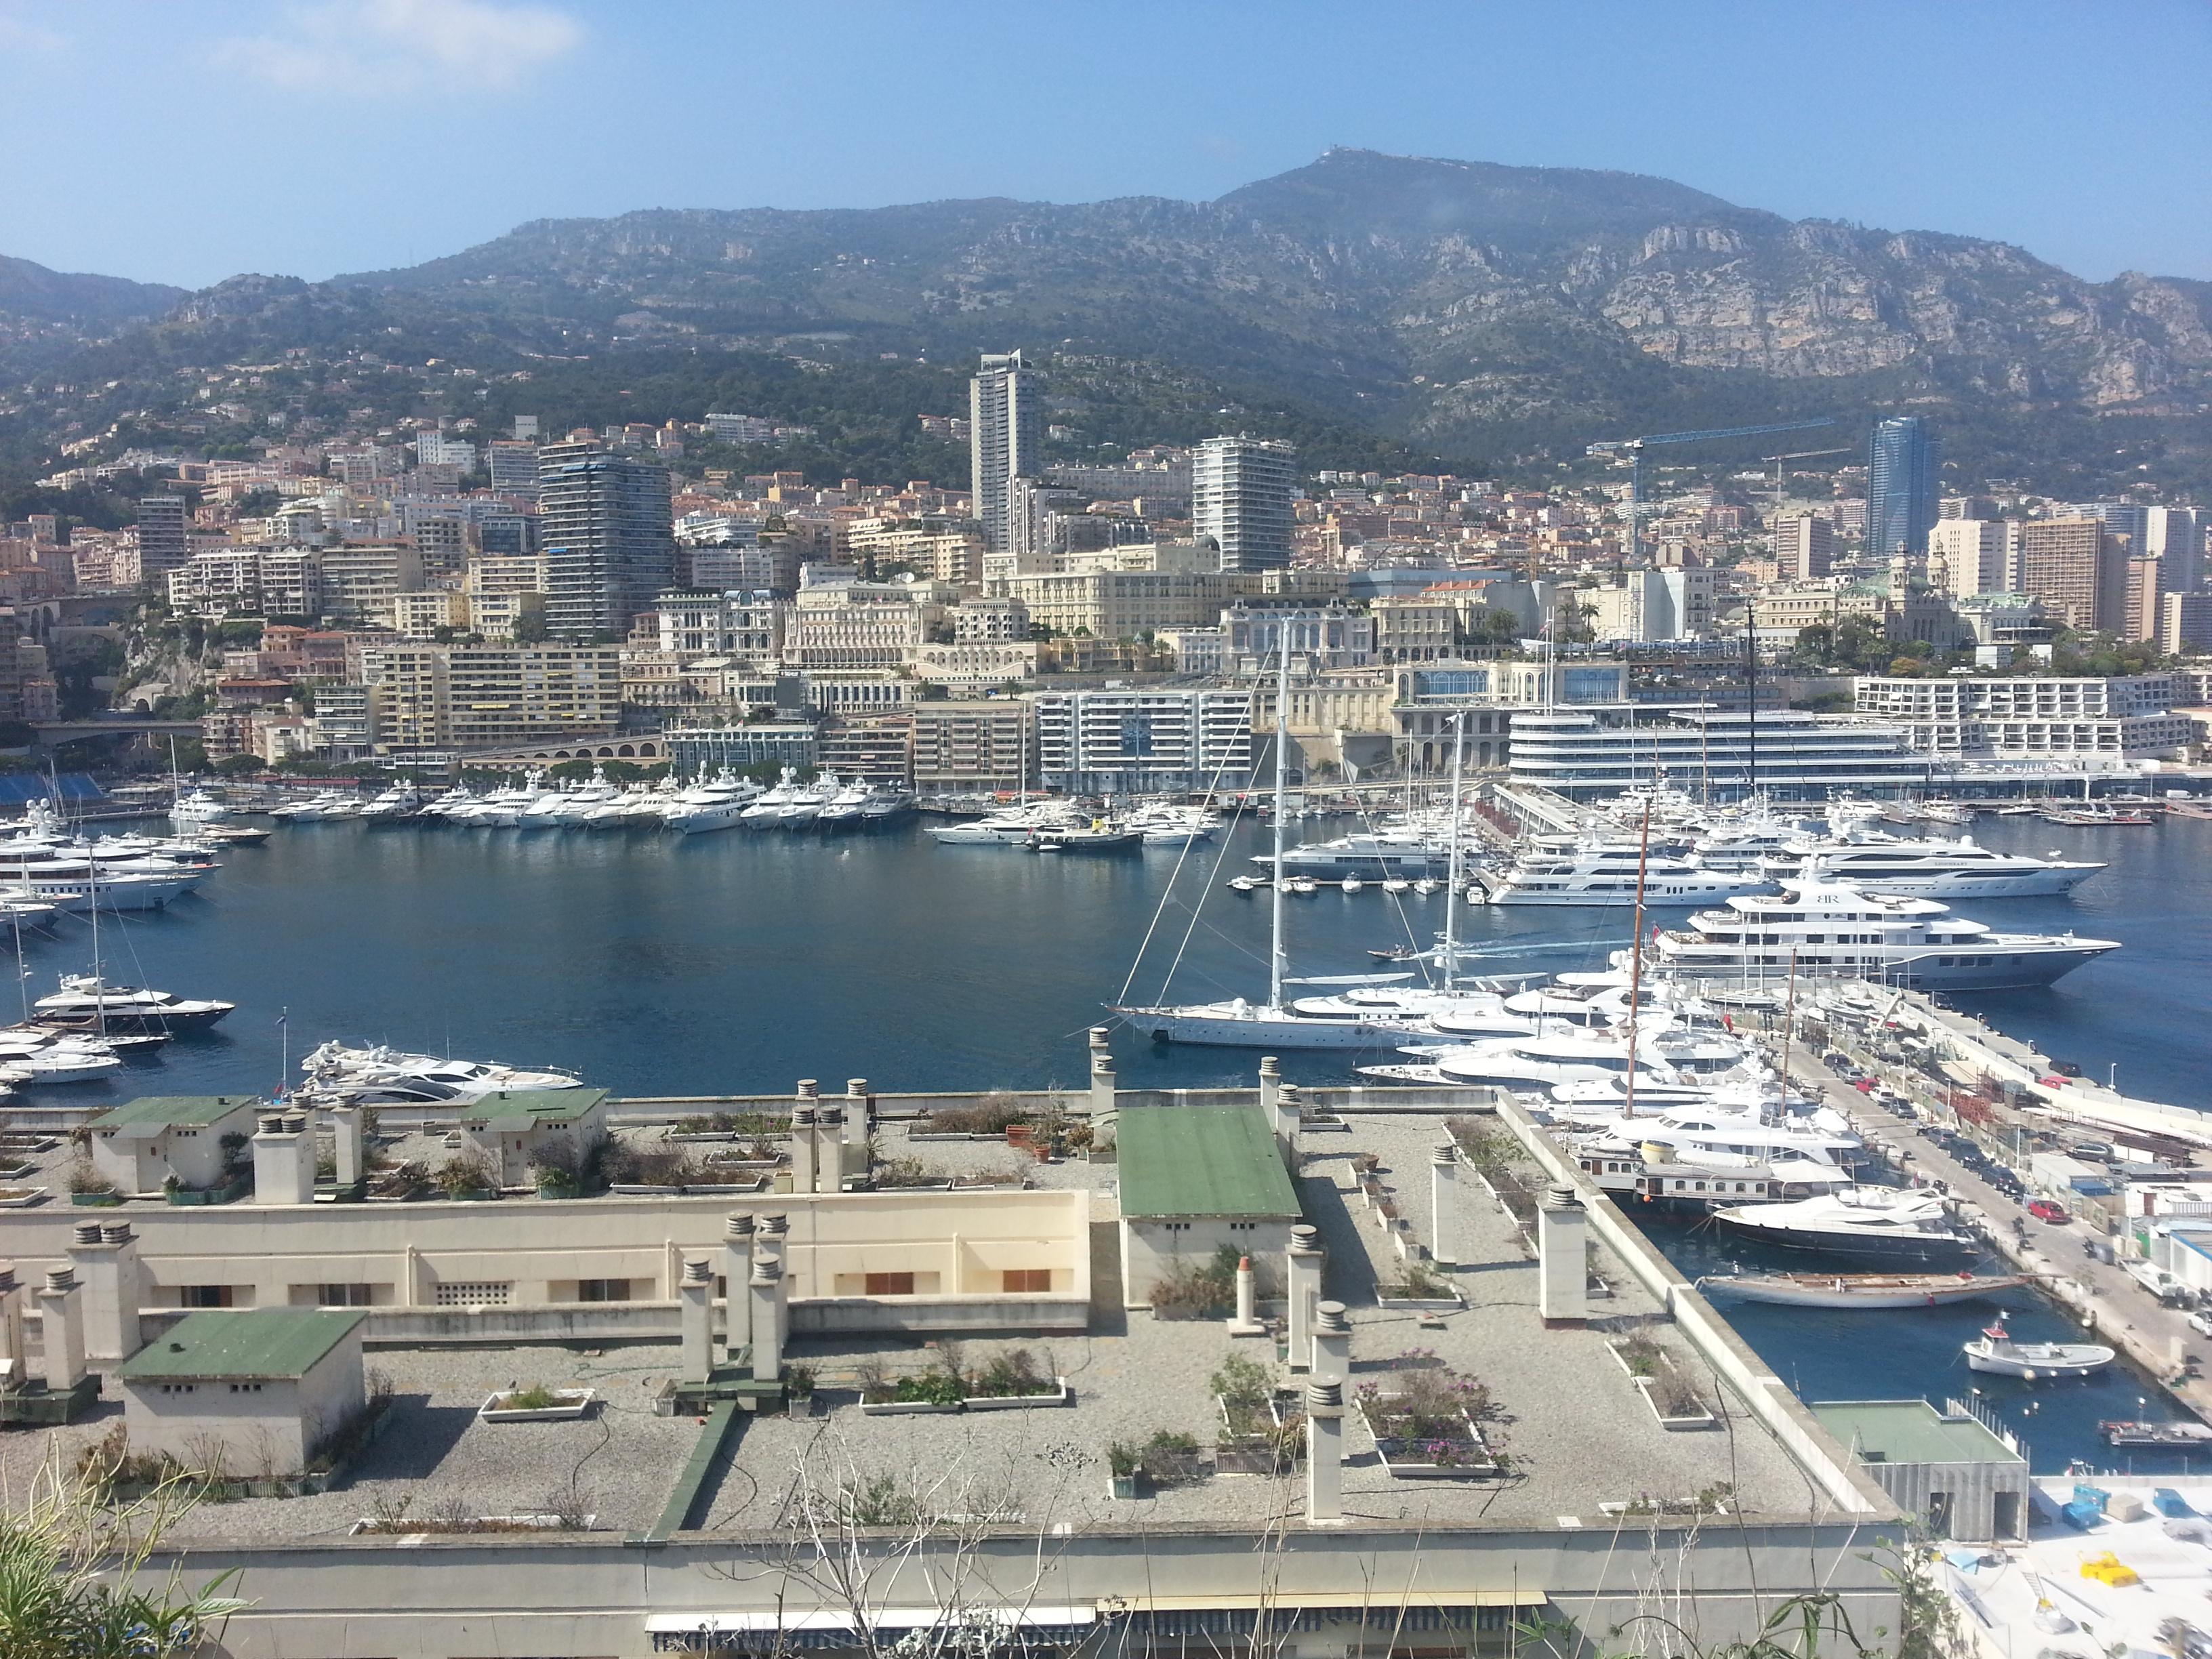 Die hawe van Monaco vol miljoenêre se seiljagte